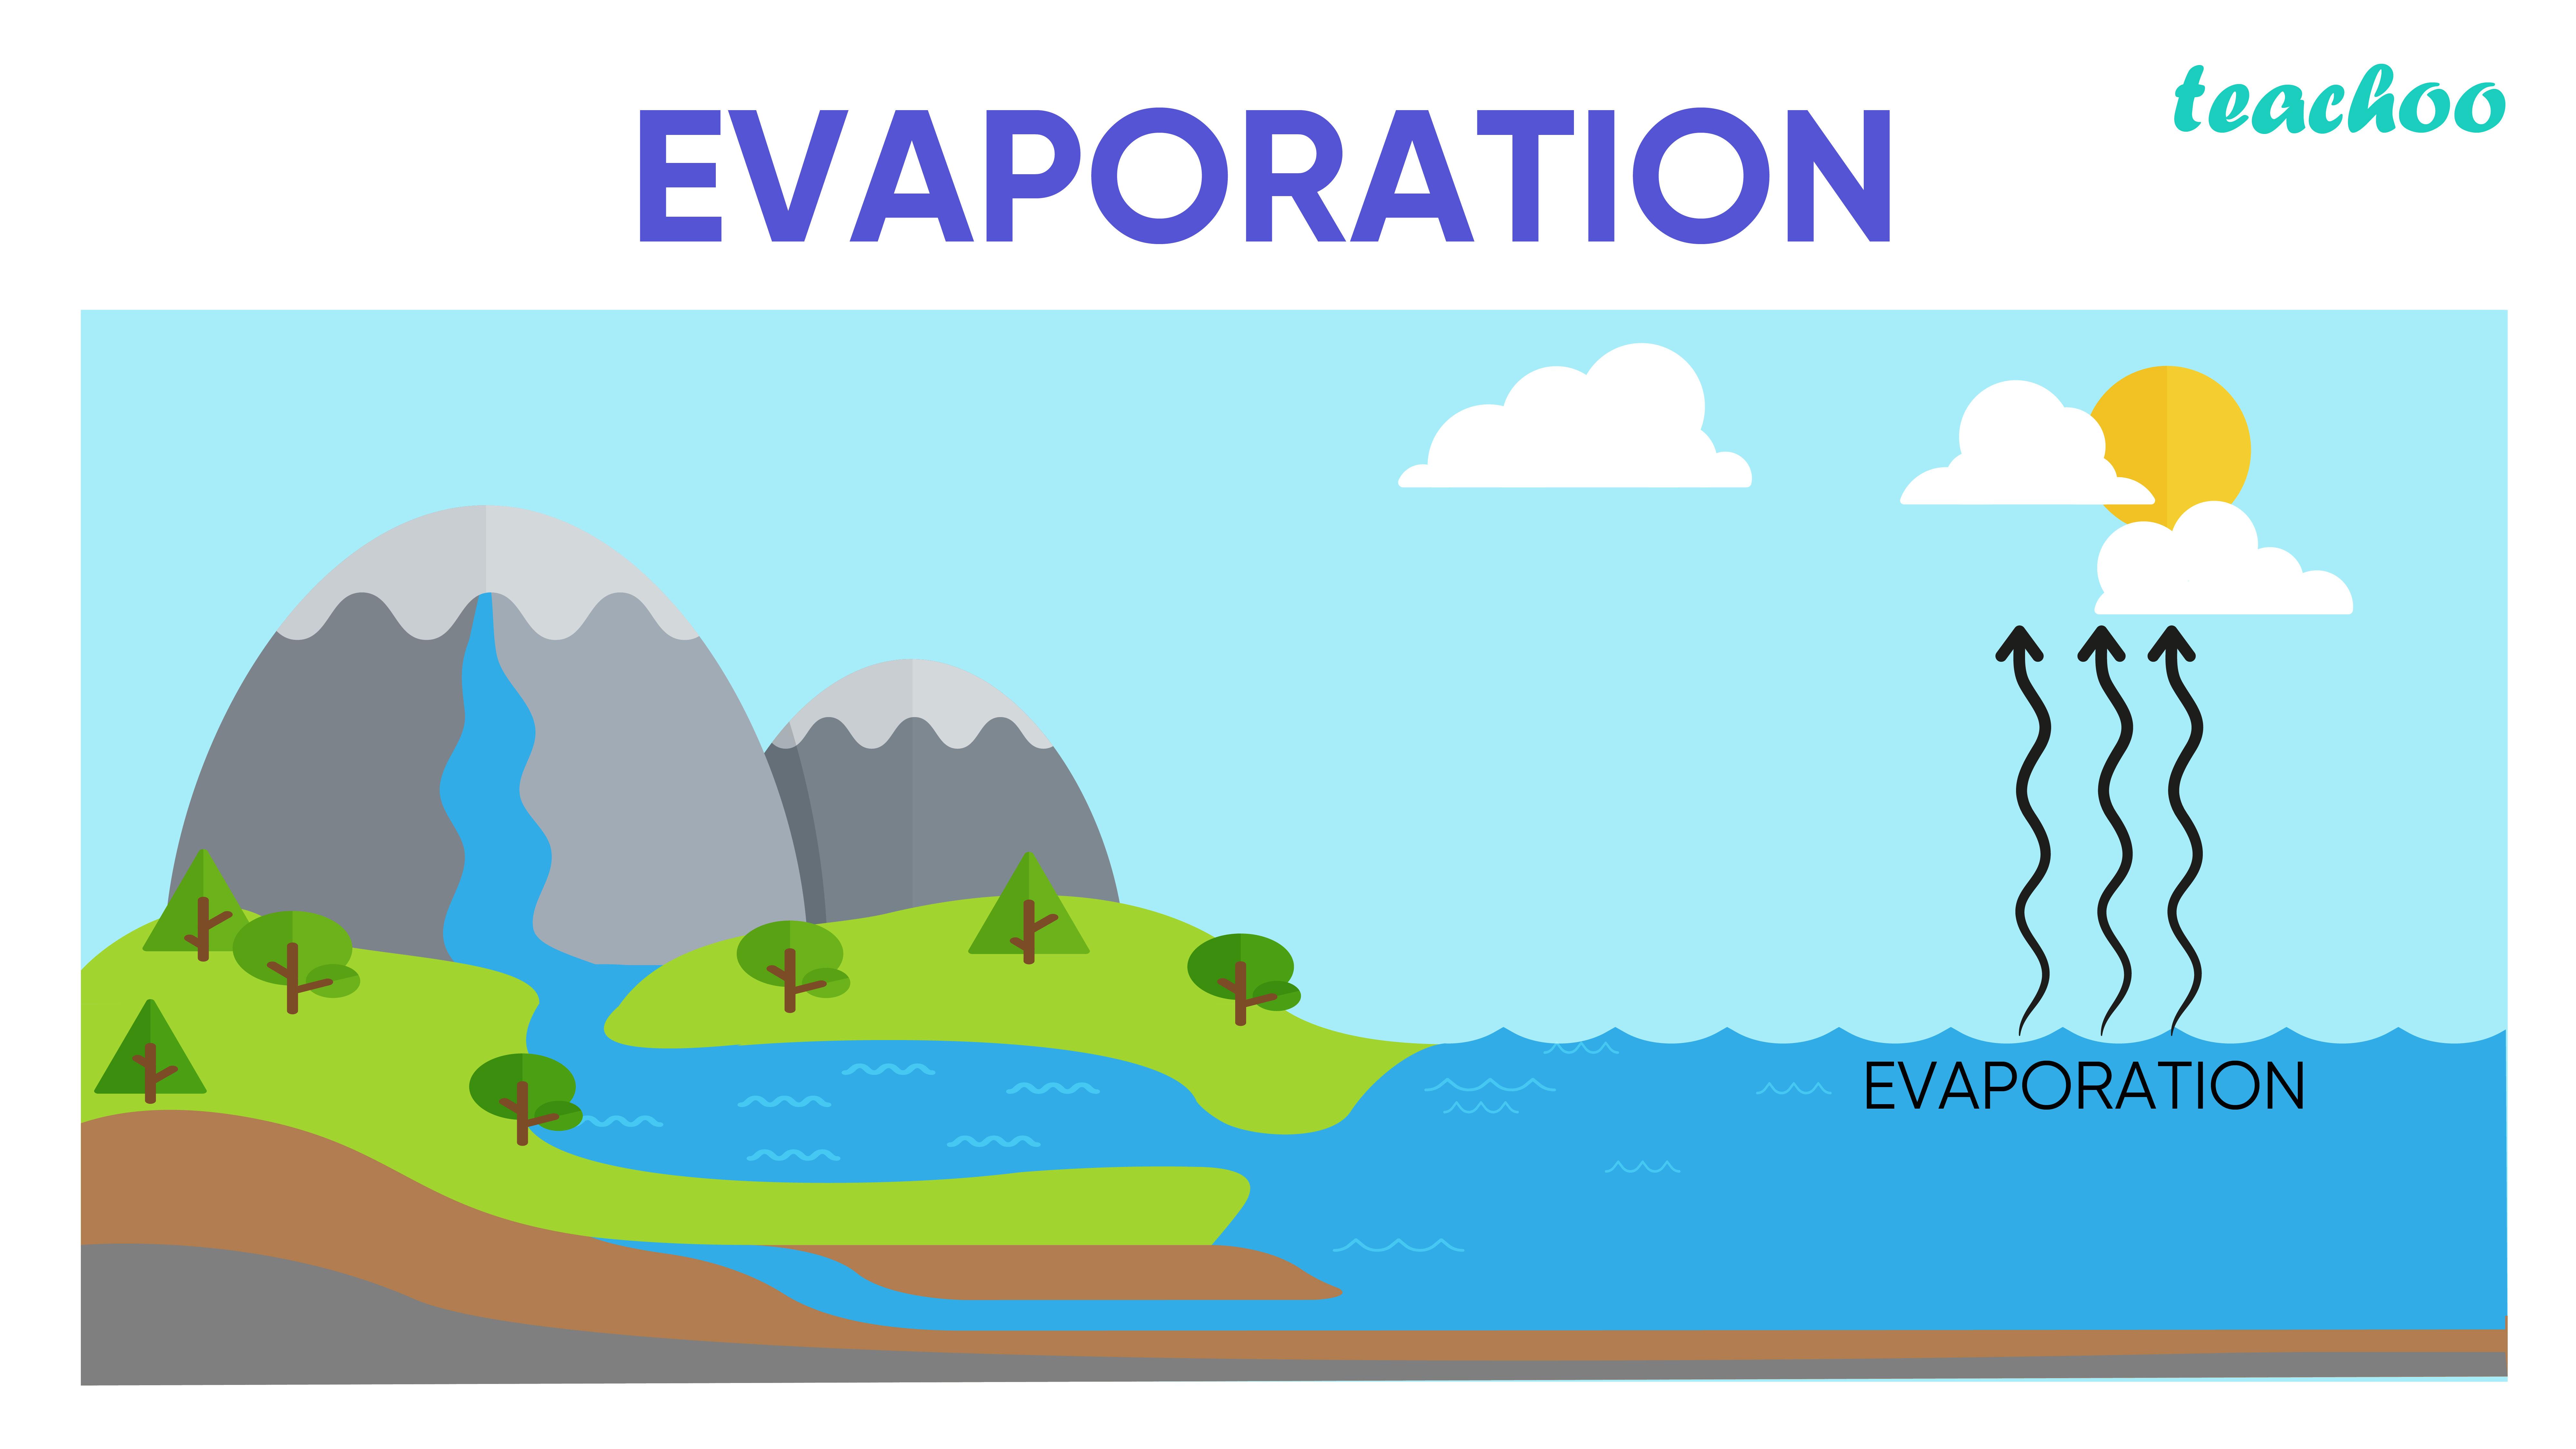 Evaporation -Teachoo-01.jpg